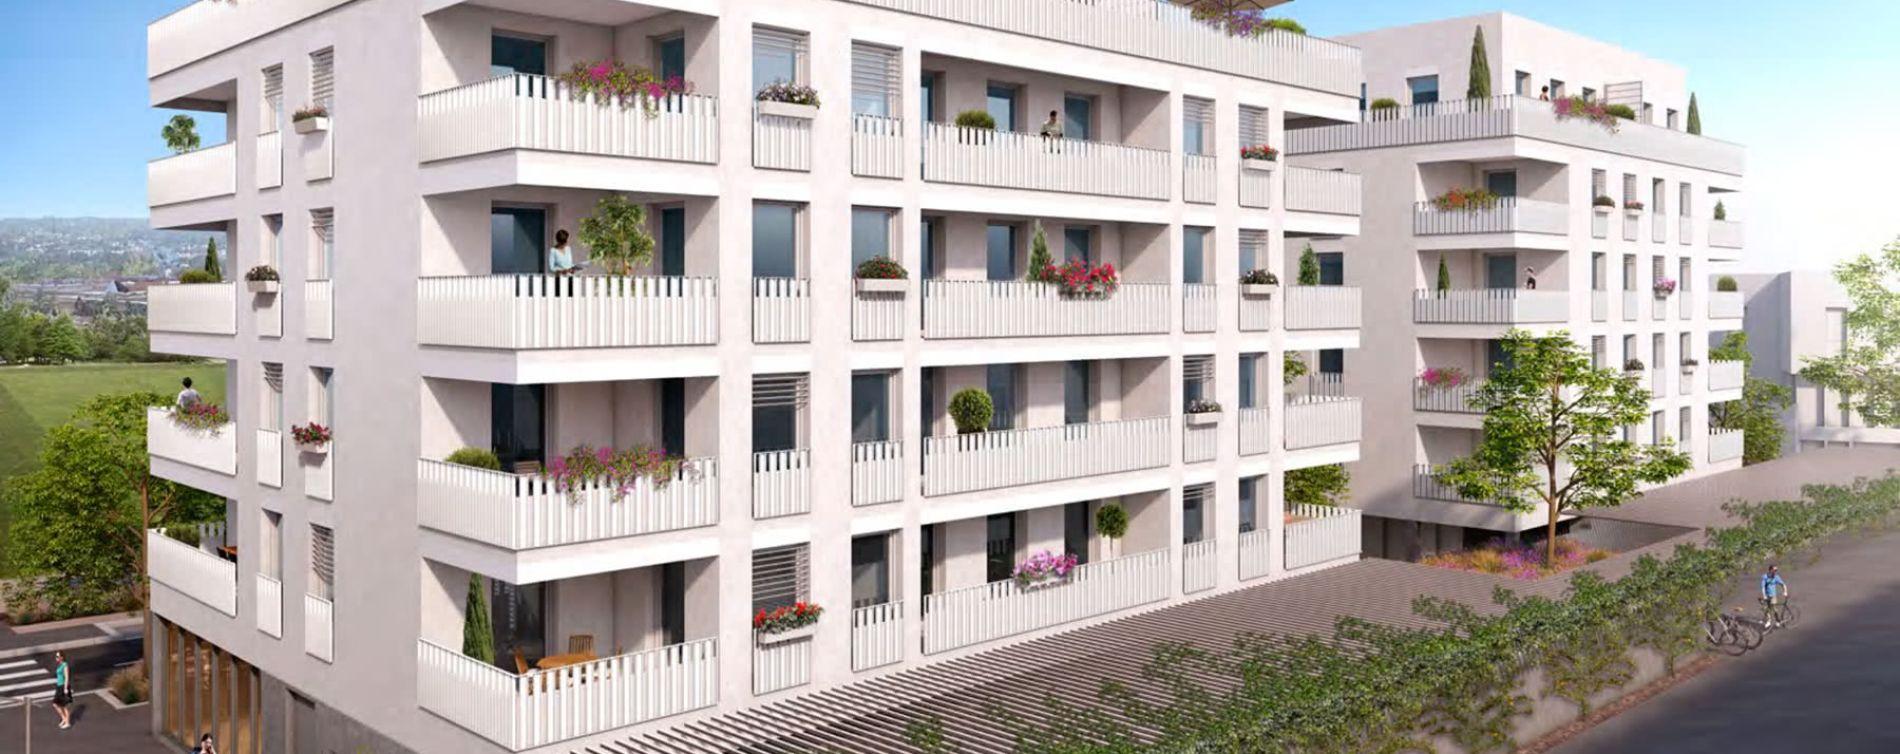 Résidence Les Terrasses du Parc à Brétigny-sur-Orge